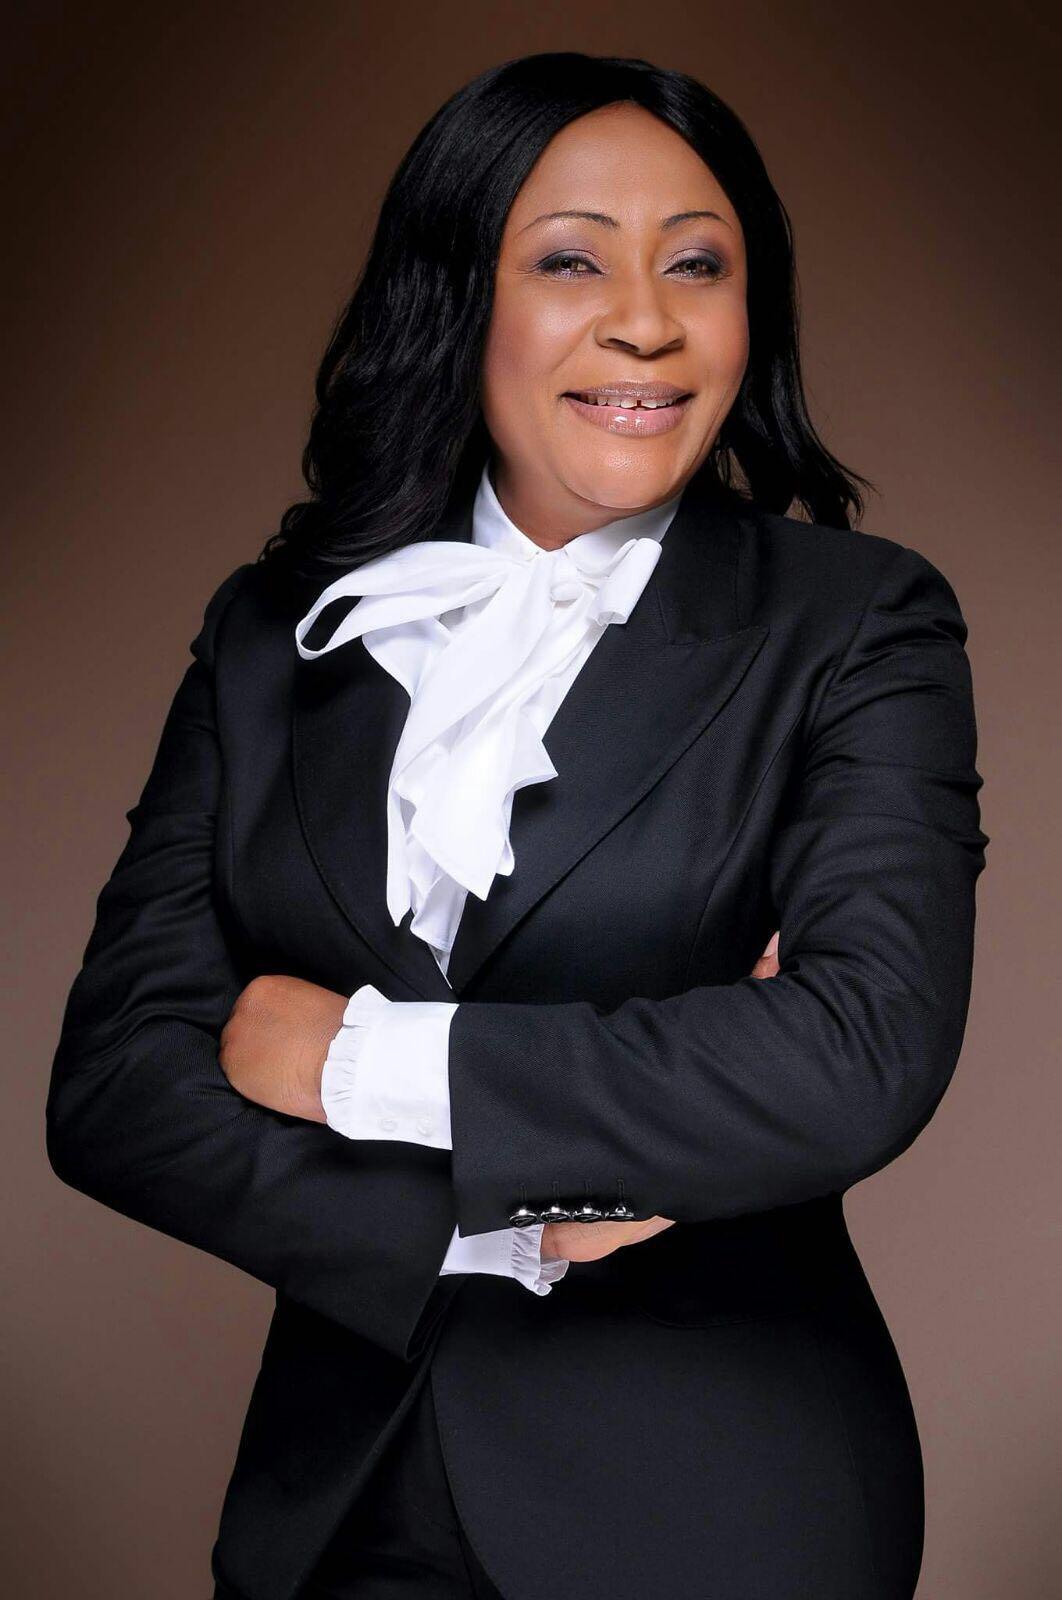 Jenny Chika Okafor